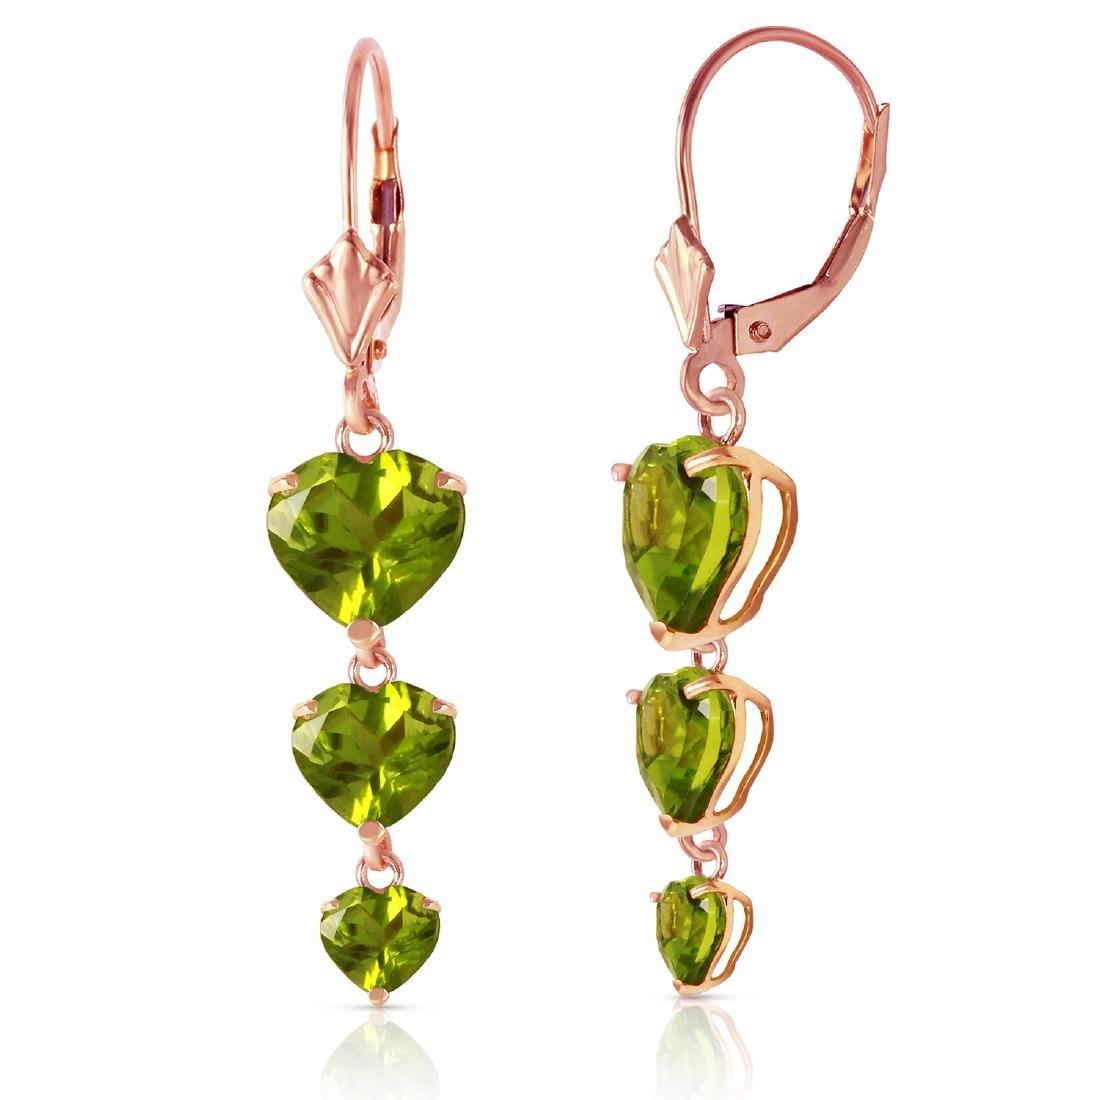 Genuine 6 ctw Peridot Earrings Jewelry 14KT Rose Gold -